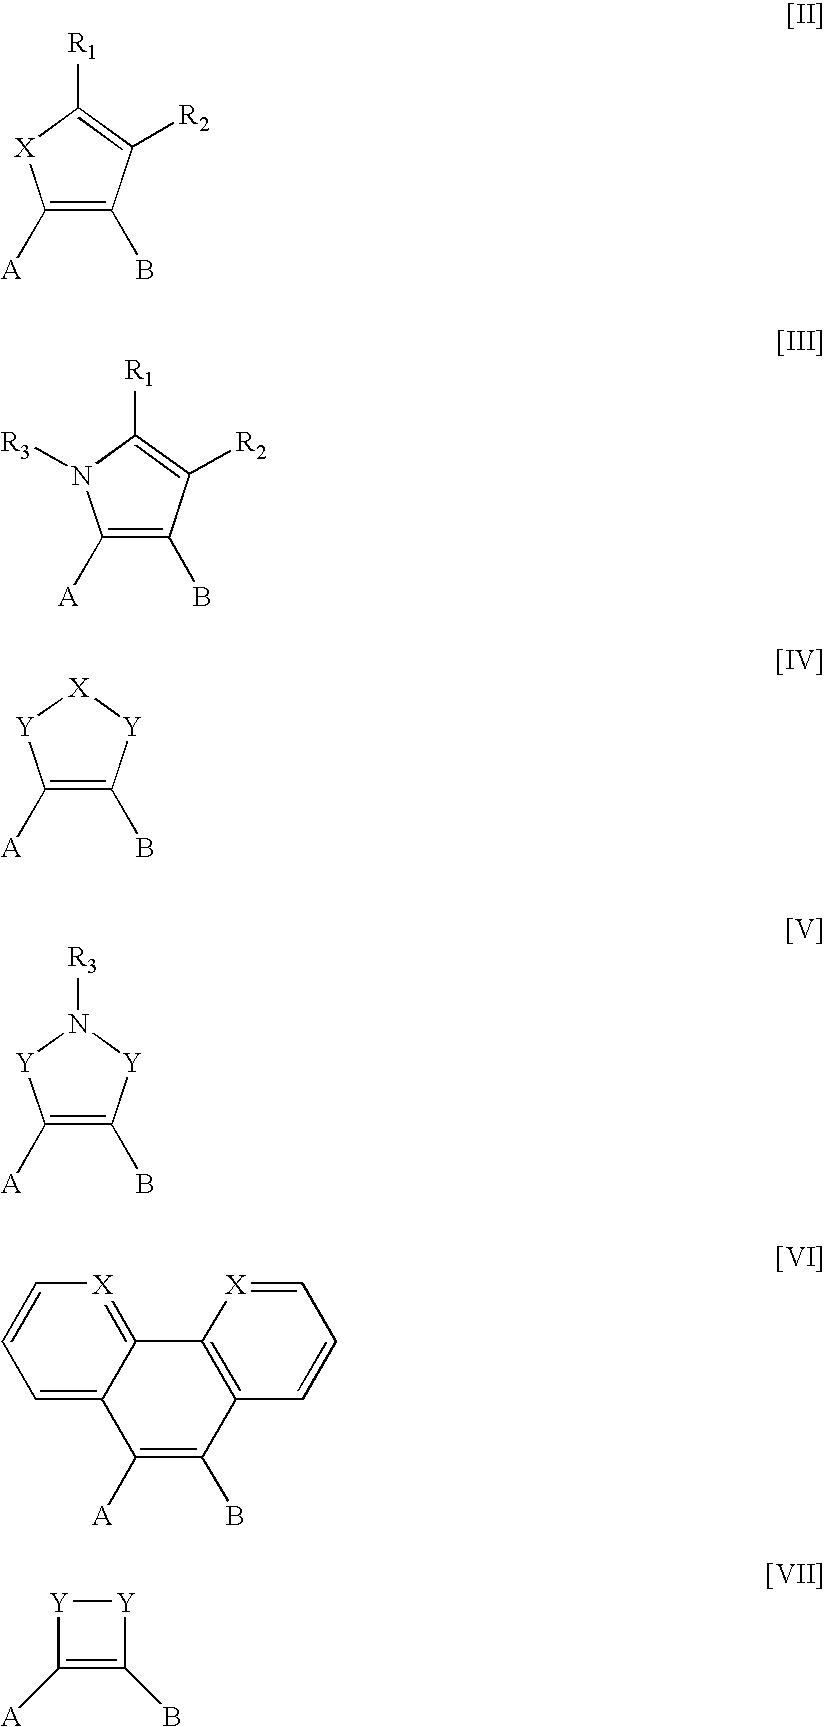 Figure US07572560-20090811-C00026